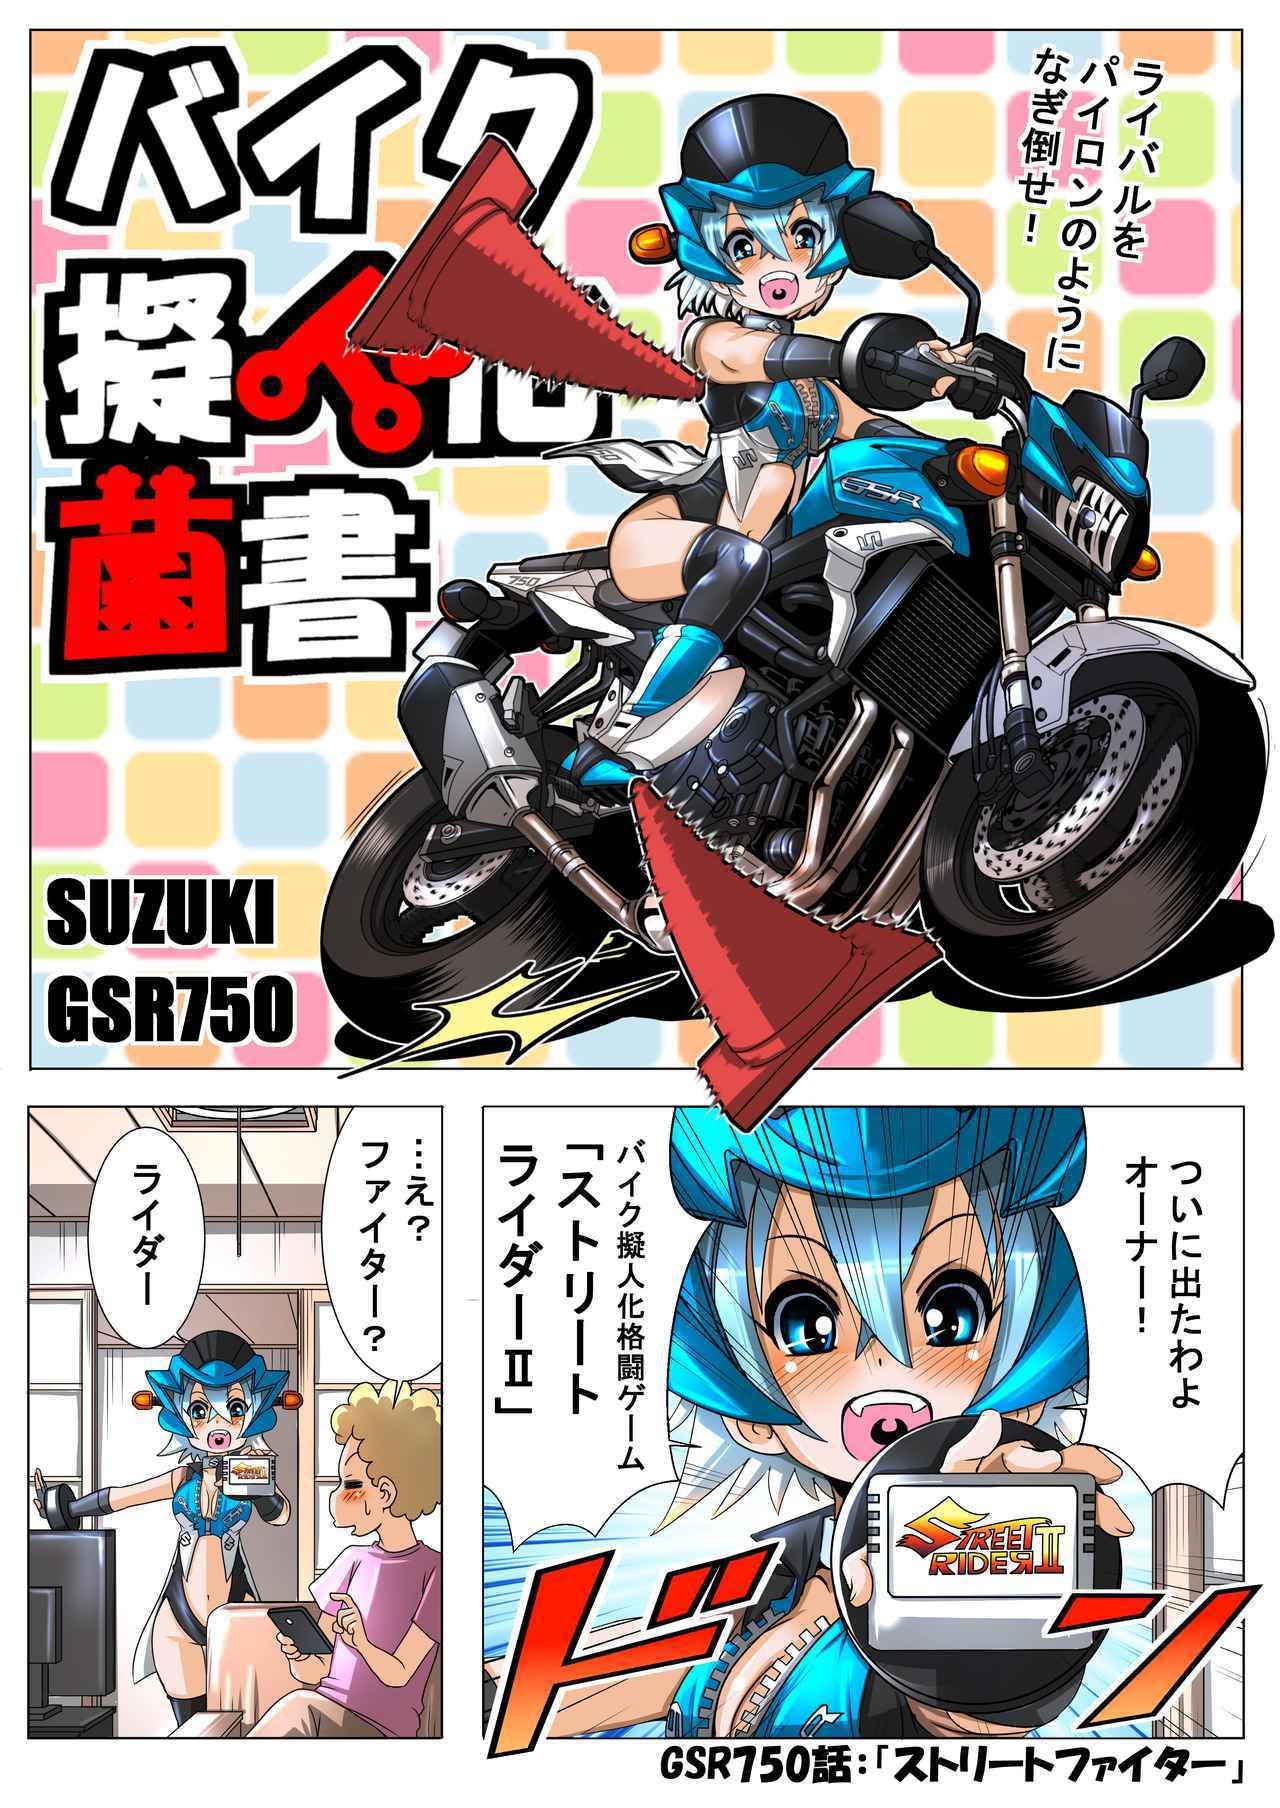 画像1: 『バイク擬人化菌書』GSR750 話「ストリートファイター」 作:鈴木秀吉